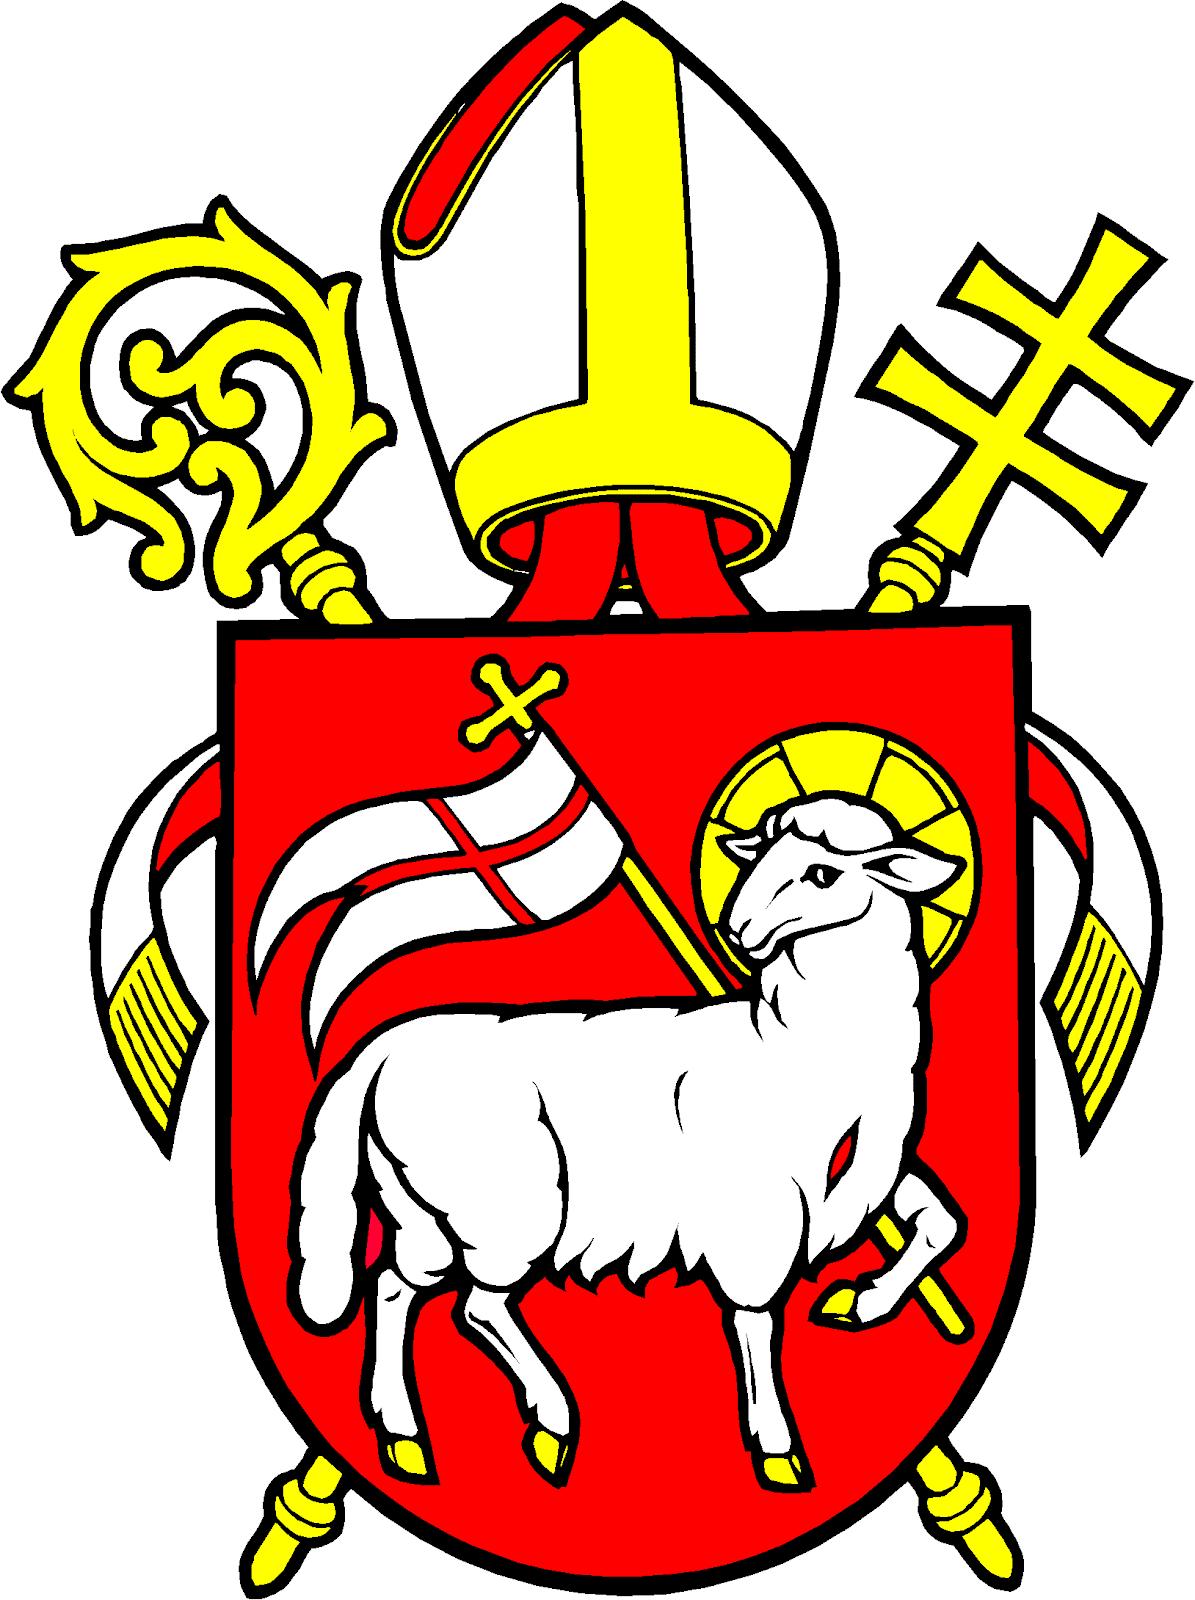 Rímskokatolícka cirkev Trnavská arcidiecéza fafac99de9a